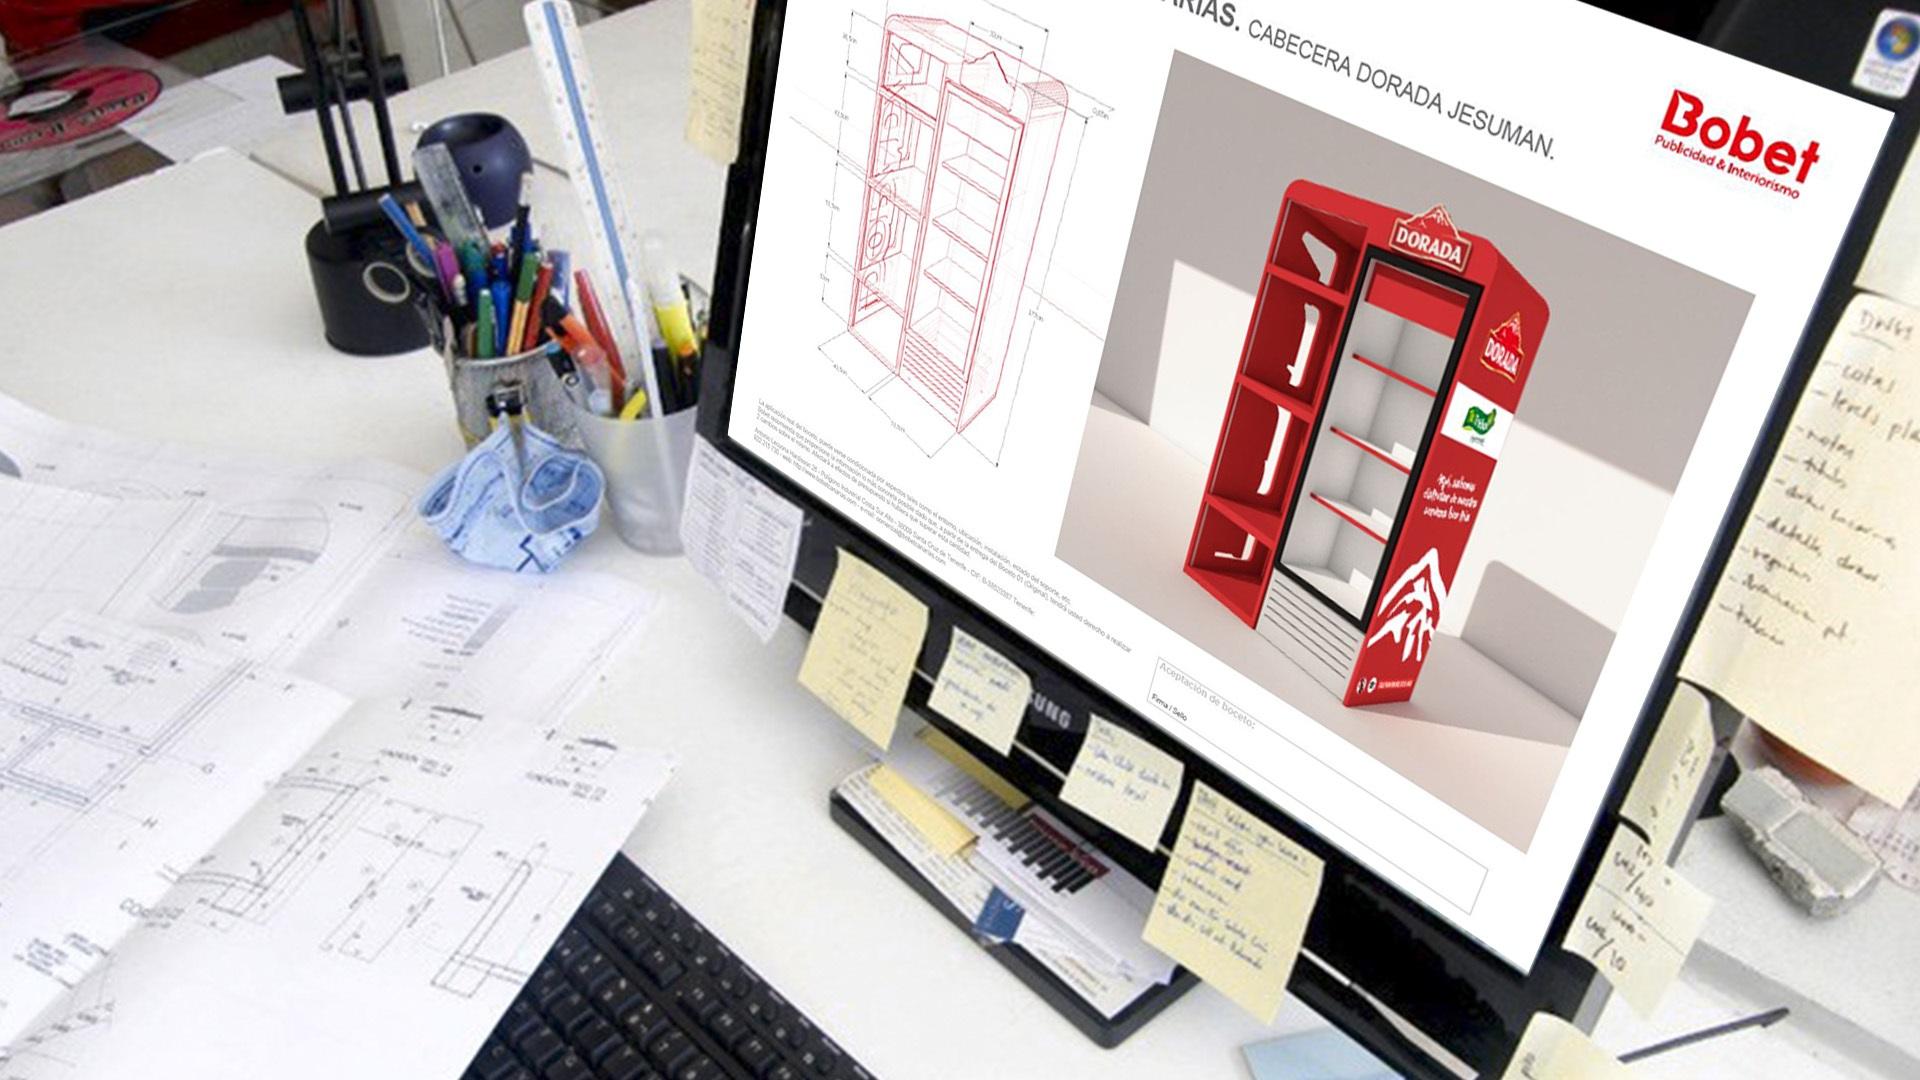 Diseño publicitario e industrial, fabricación e instalación de proyectos.